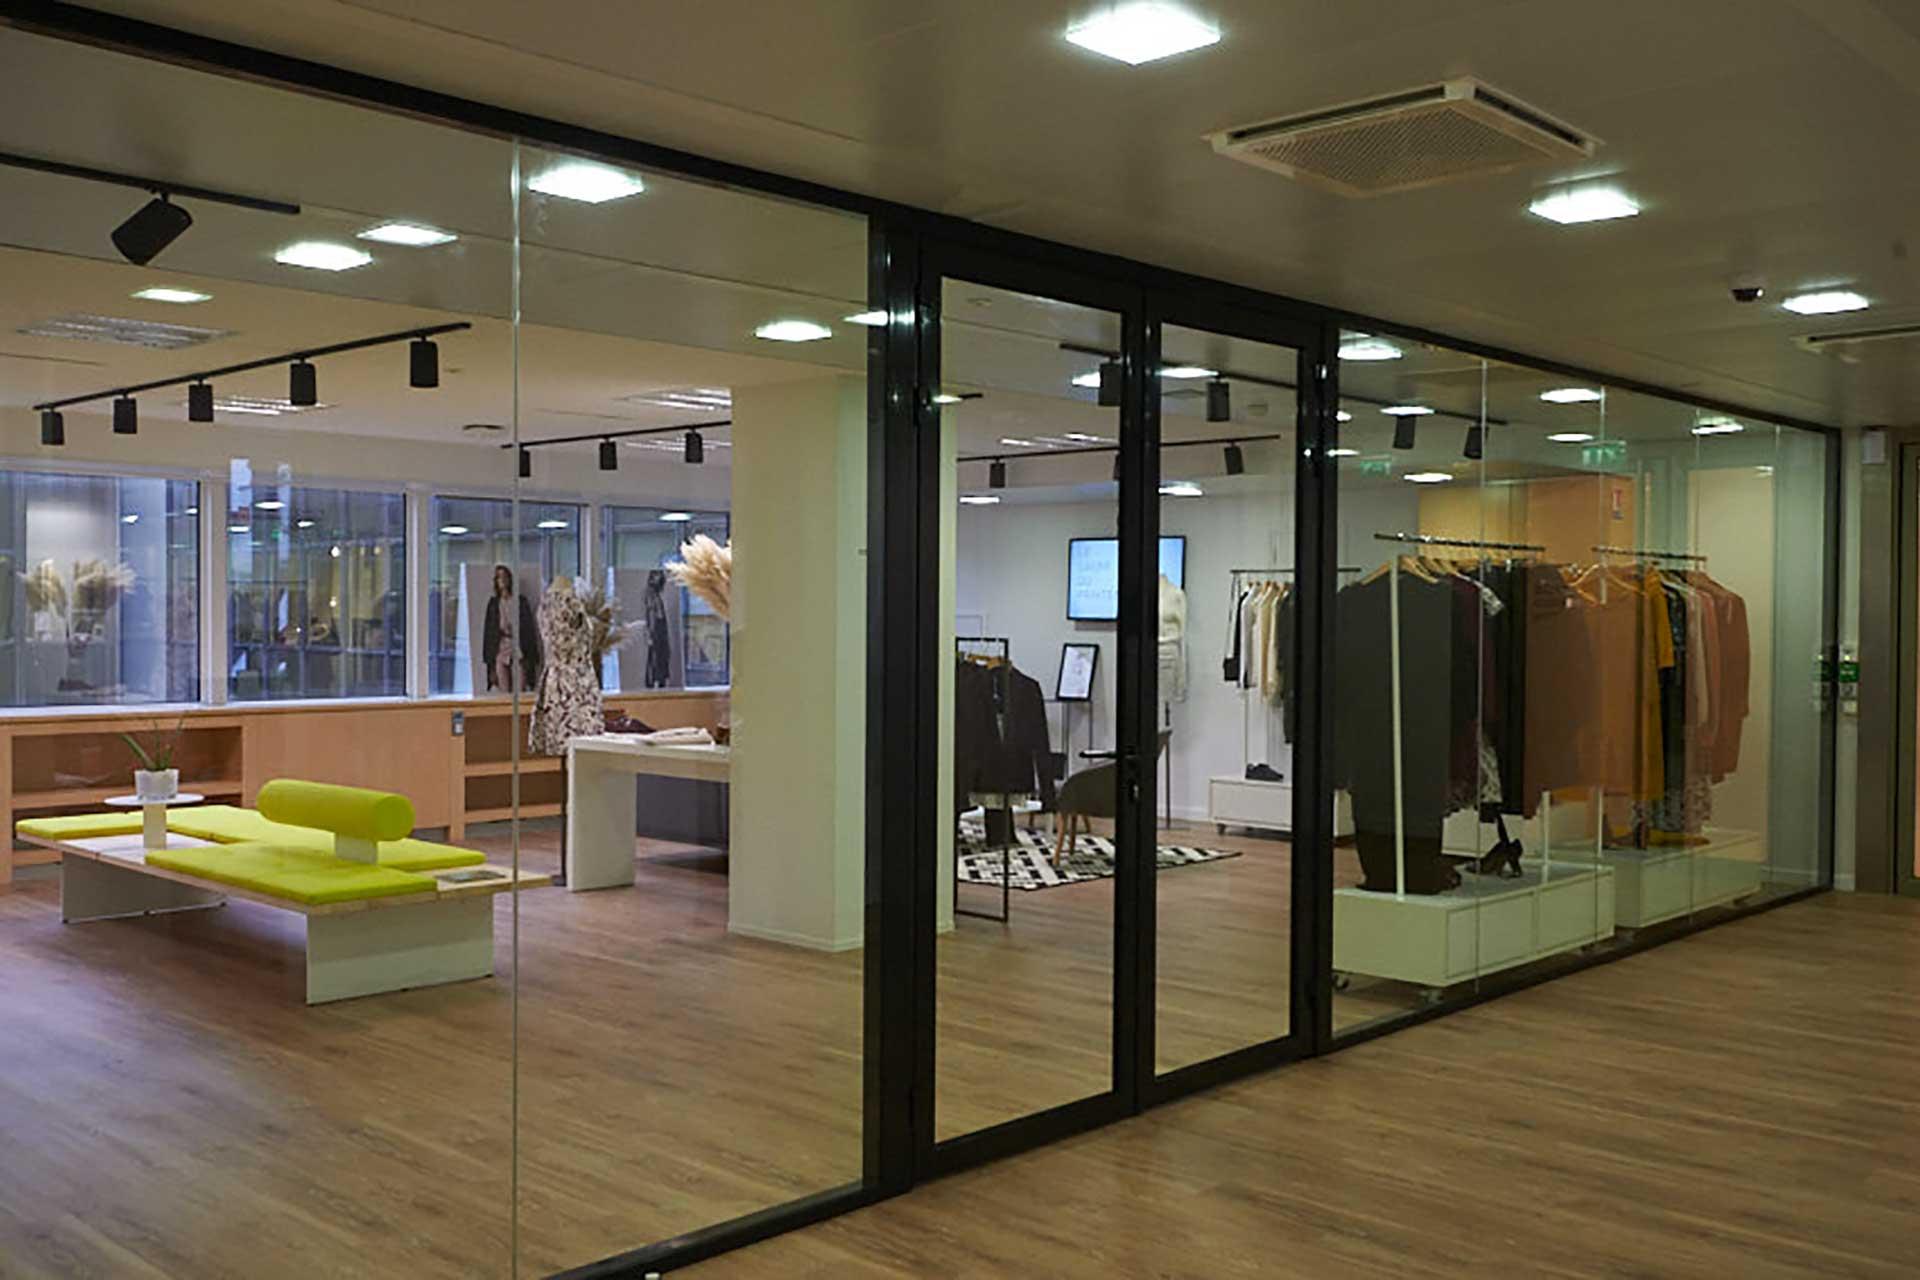 Cloisons amovibles blocs portes cadre aluminium ouvrant double vantaux